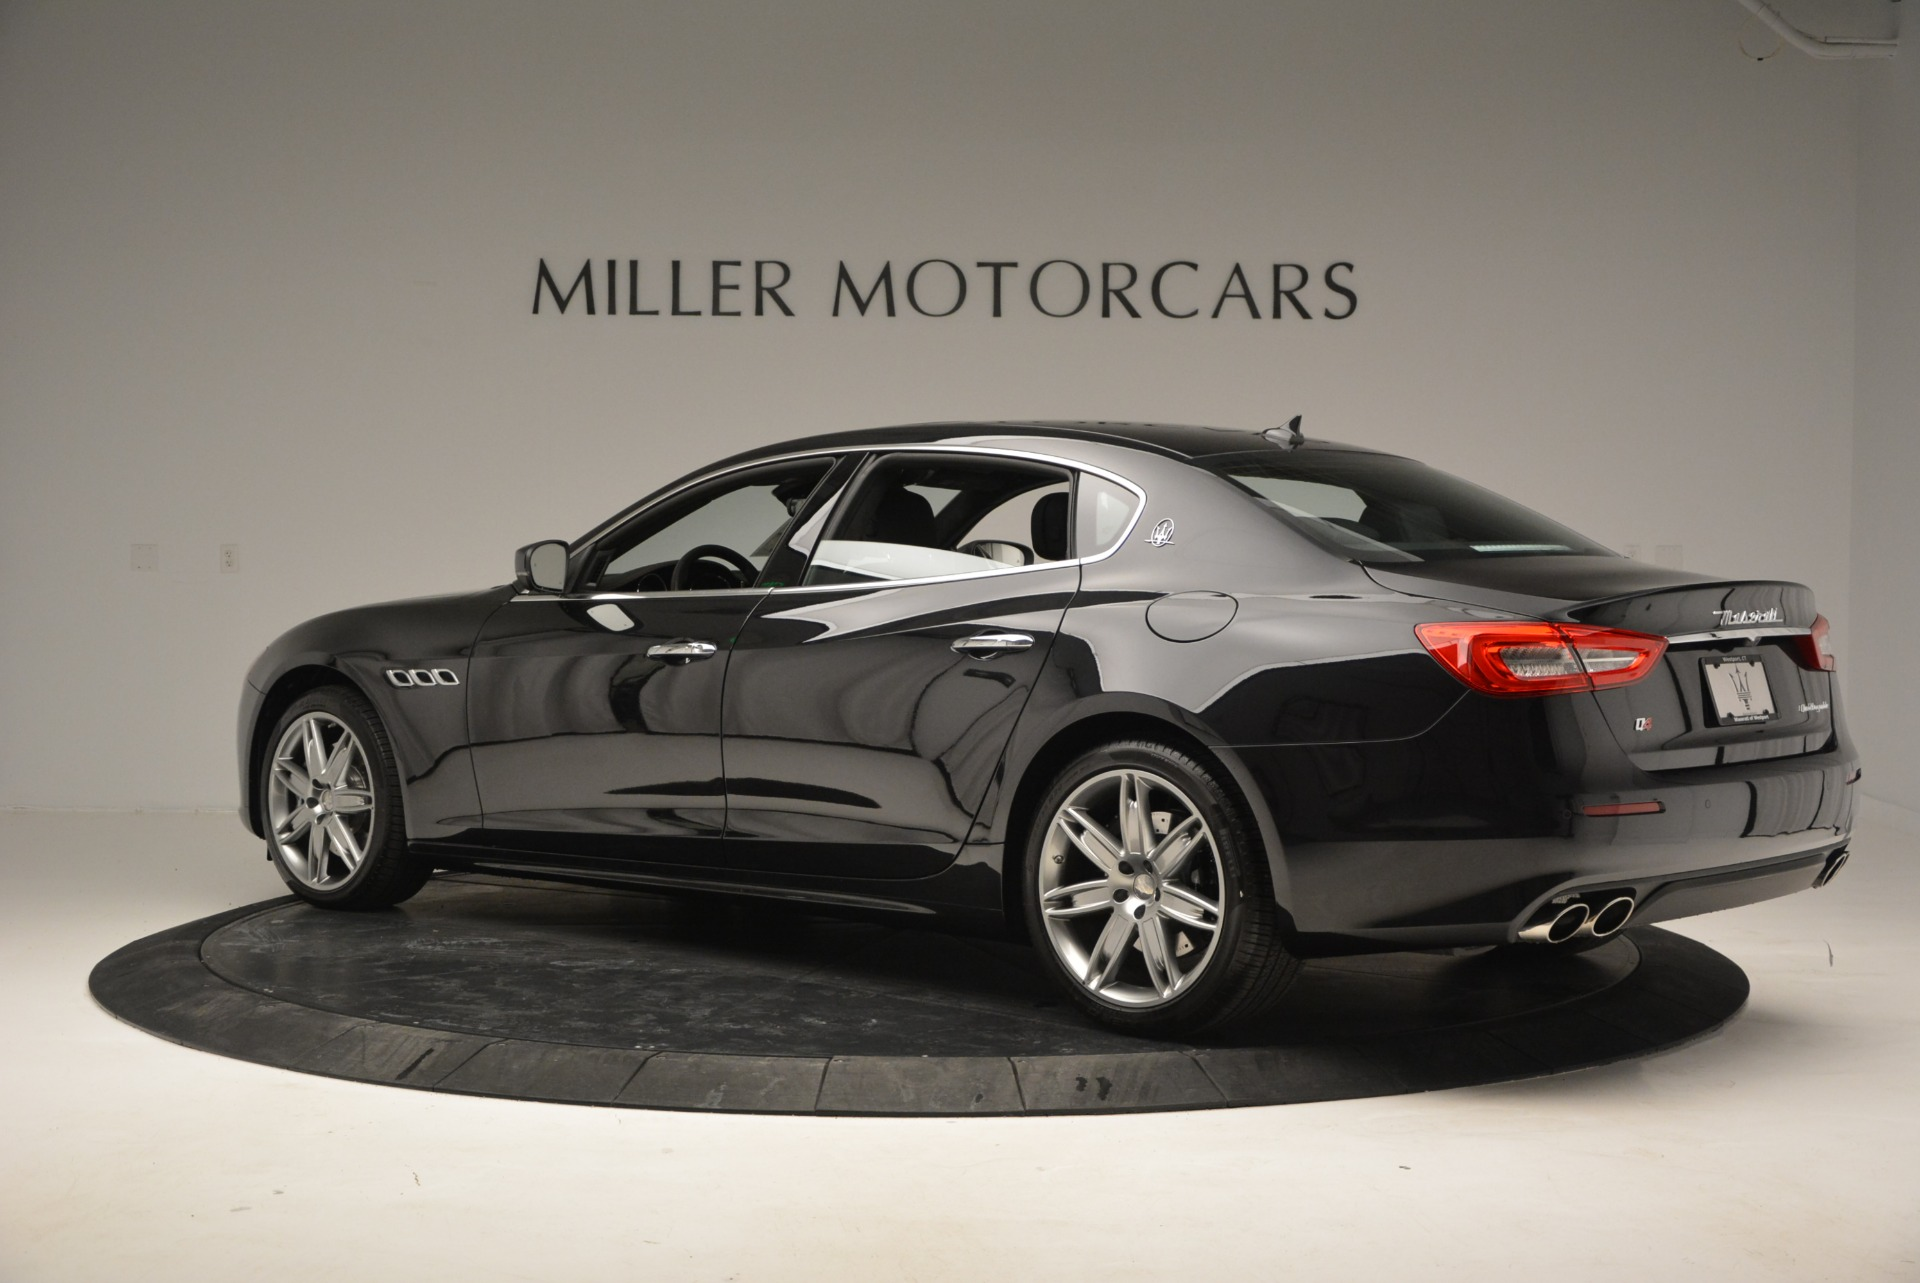 New 2017 Maserati Quattroporte S Q4 GranLusso For Sale In Westport, CT 777_p4